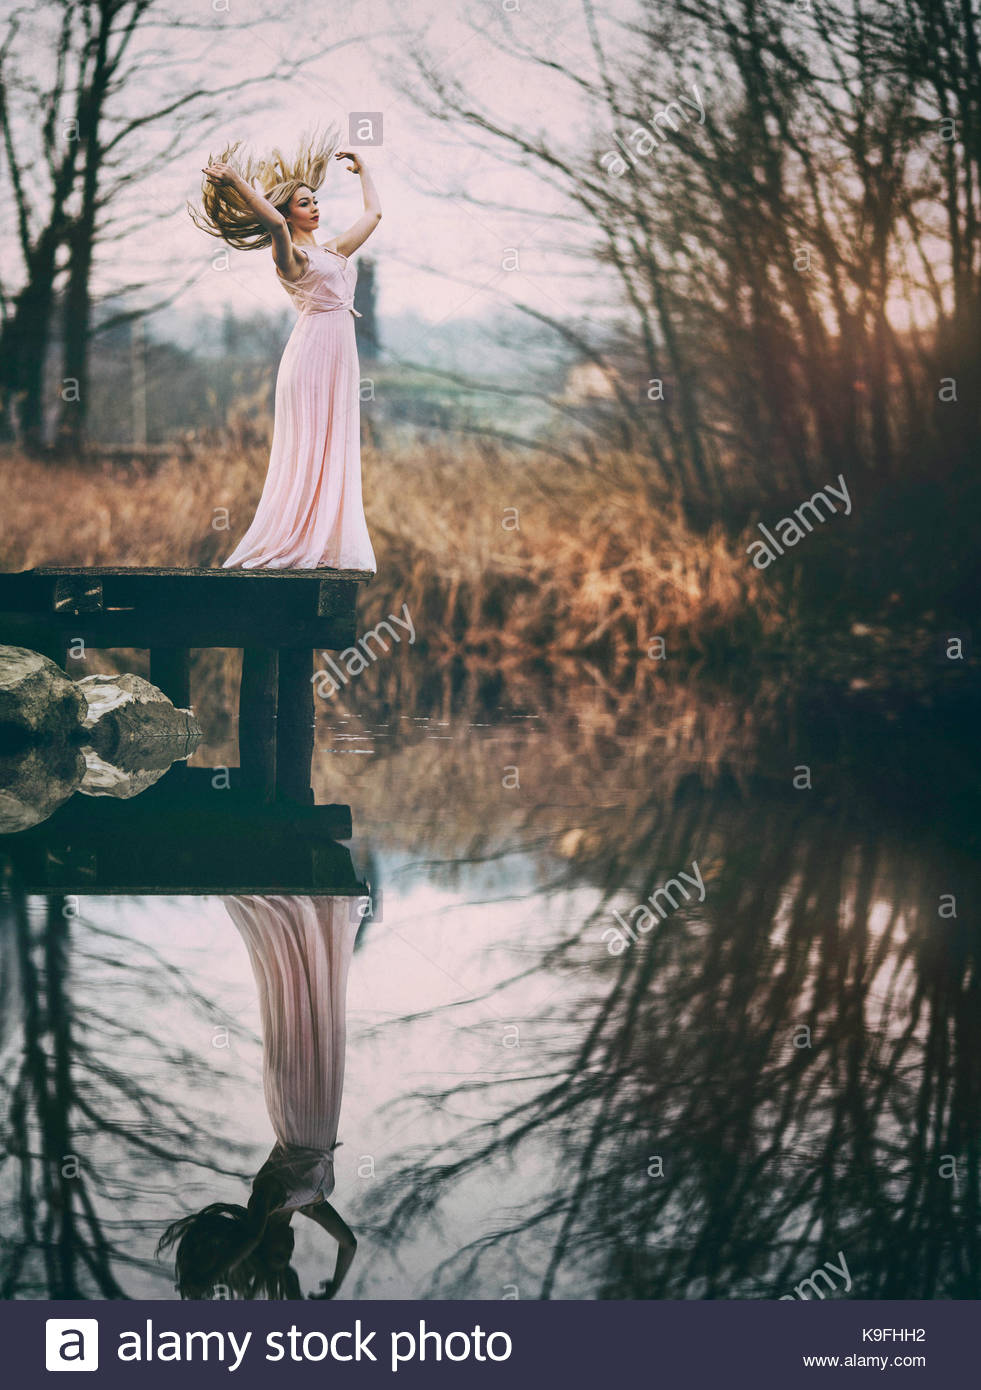 Dame en robe rose par un étang: beauté dans la nature Photo Stock